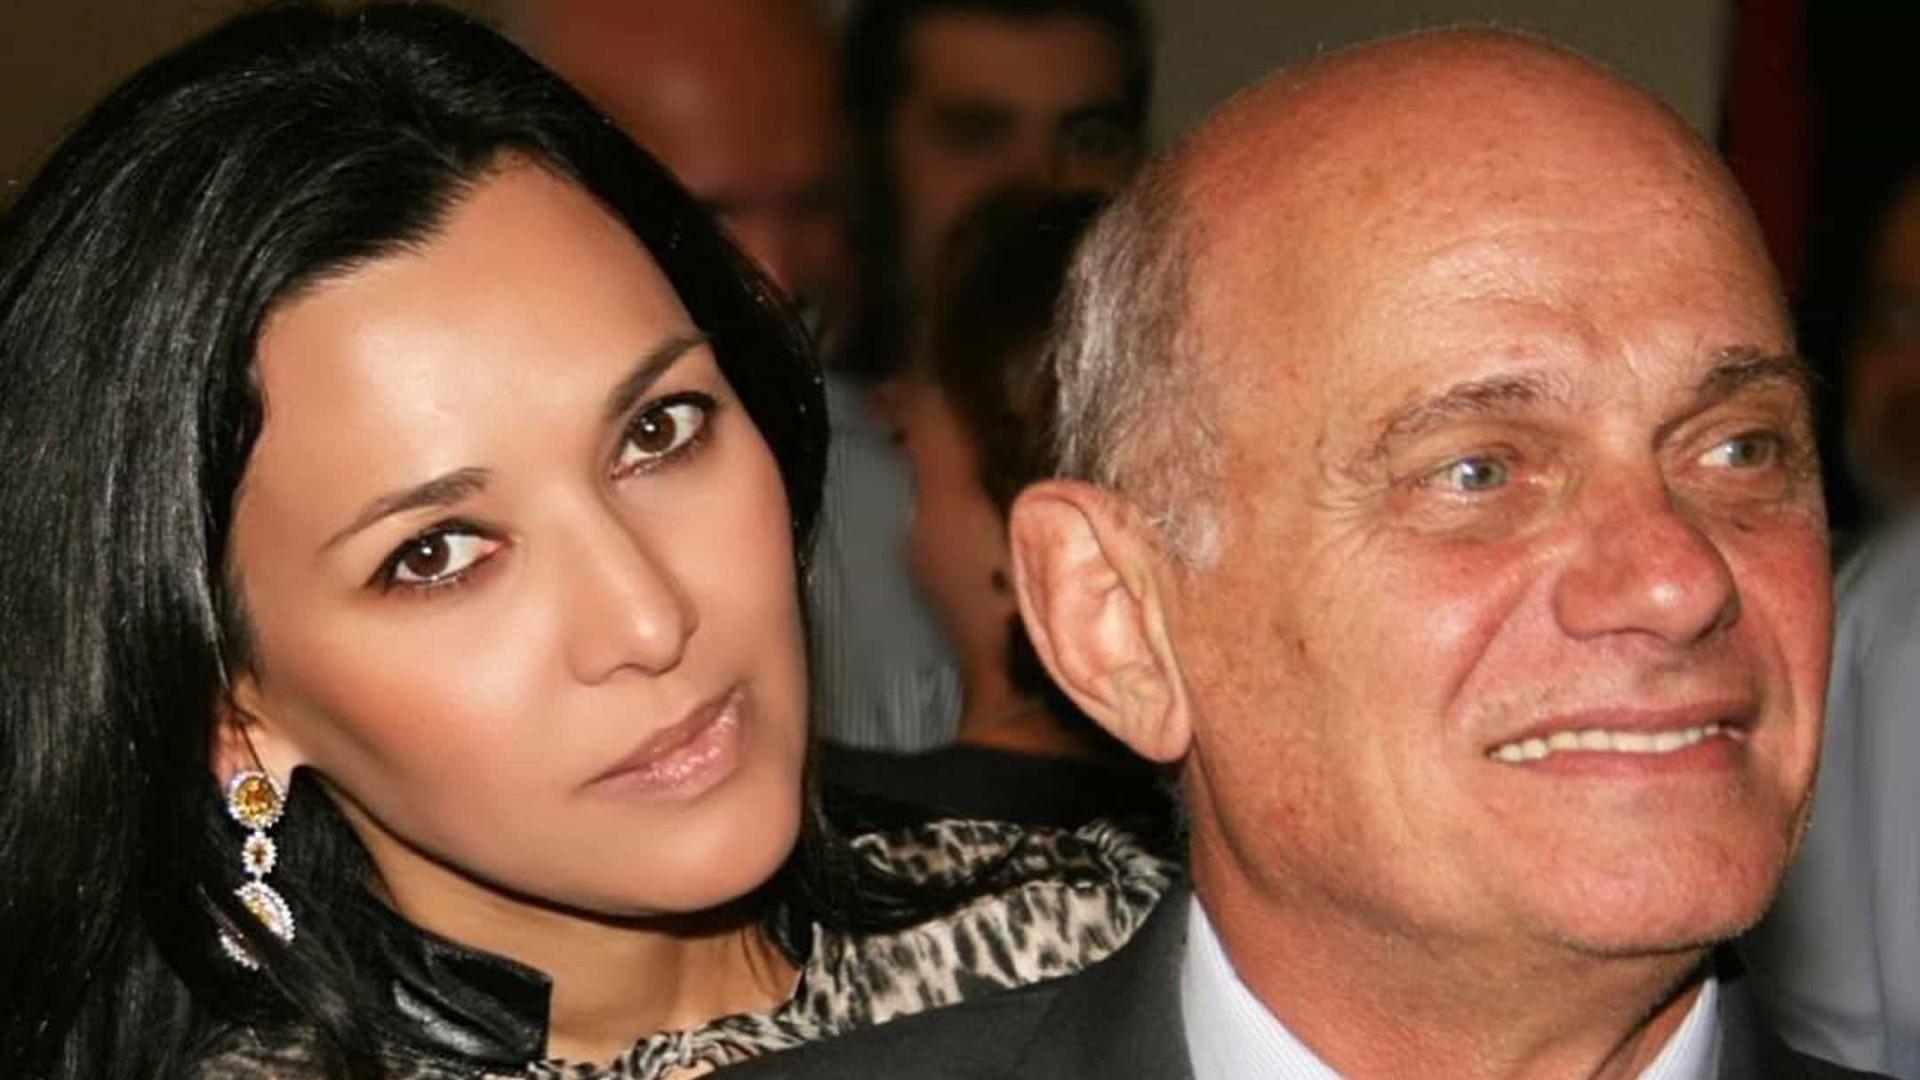 Viúva diz que Boechat pressentiu a morte antes de acidente aéreo